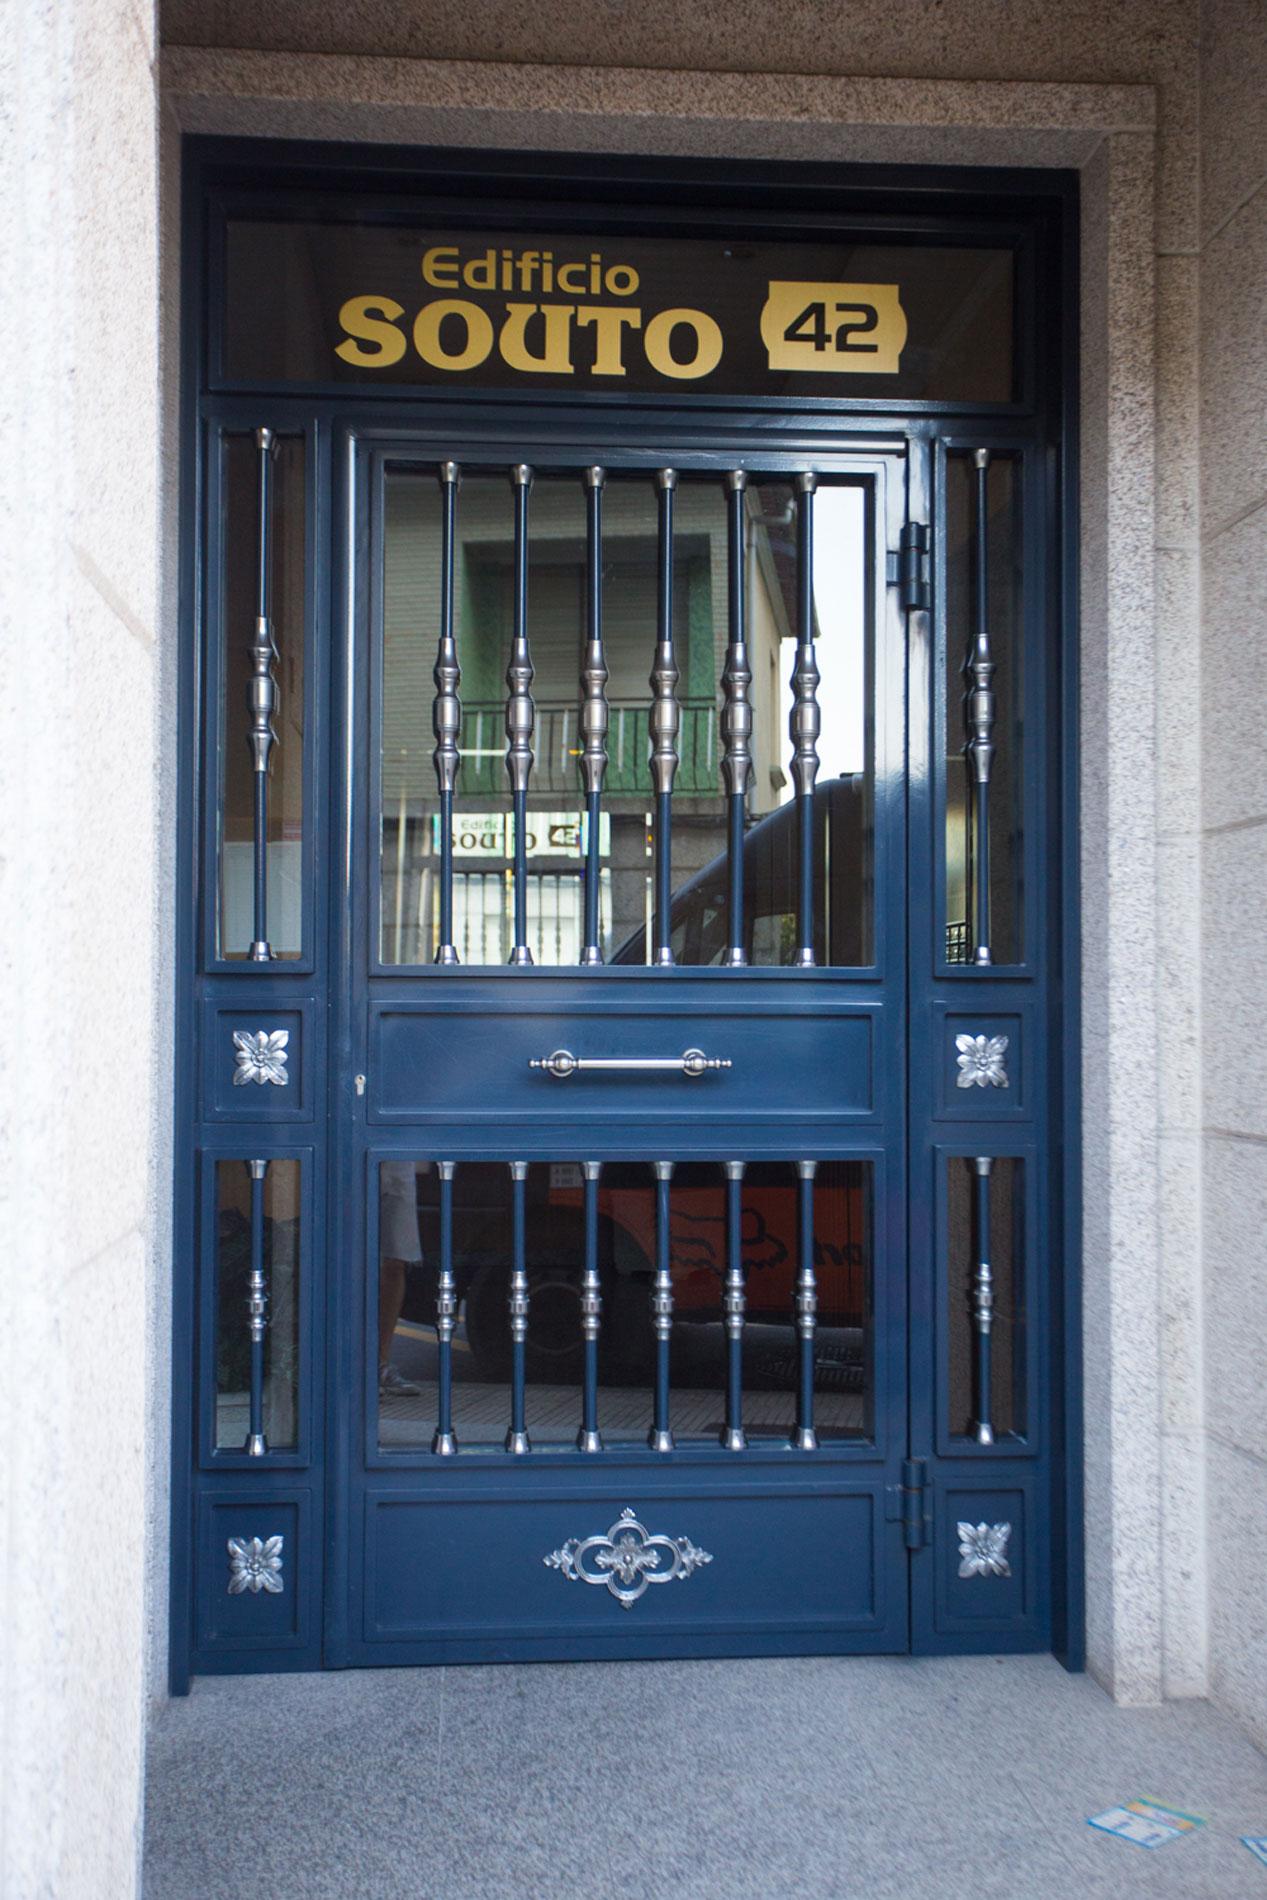 Puerta Souto